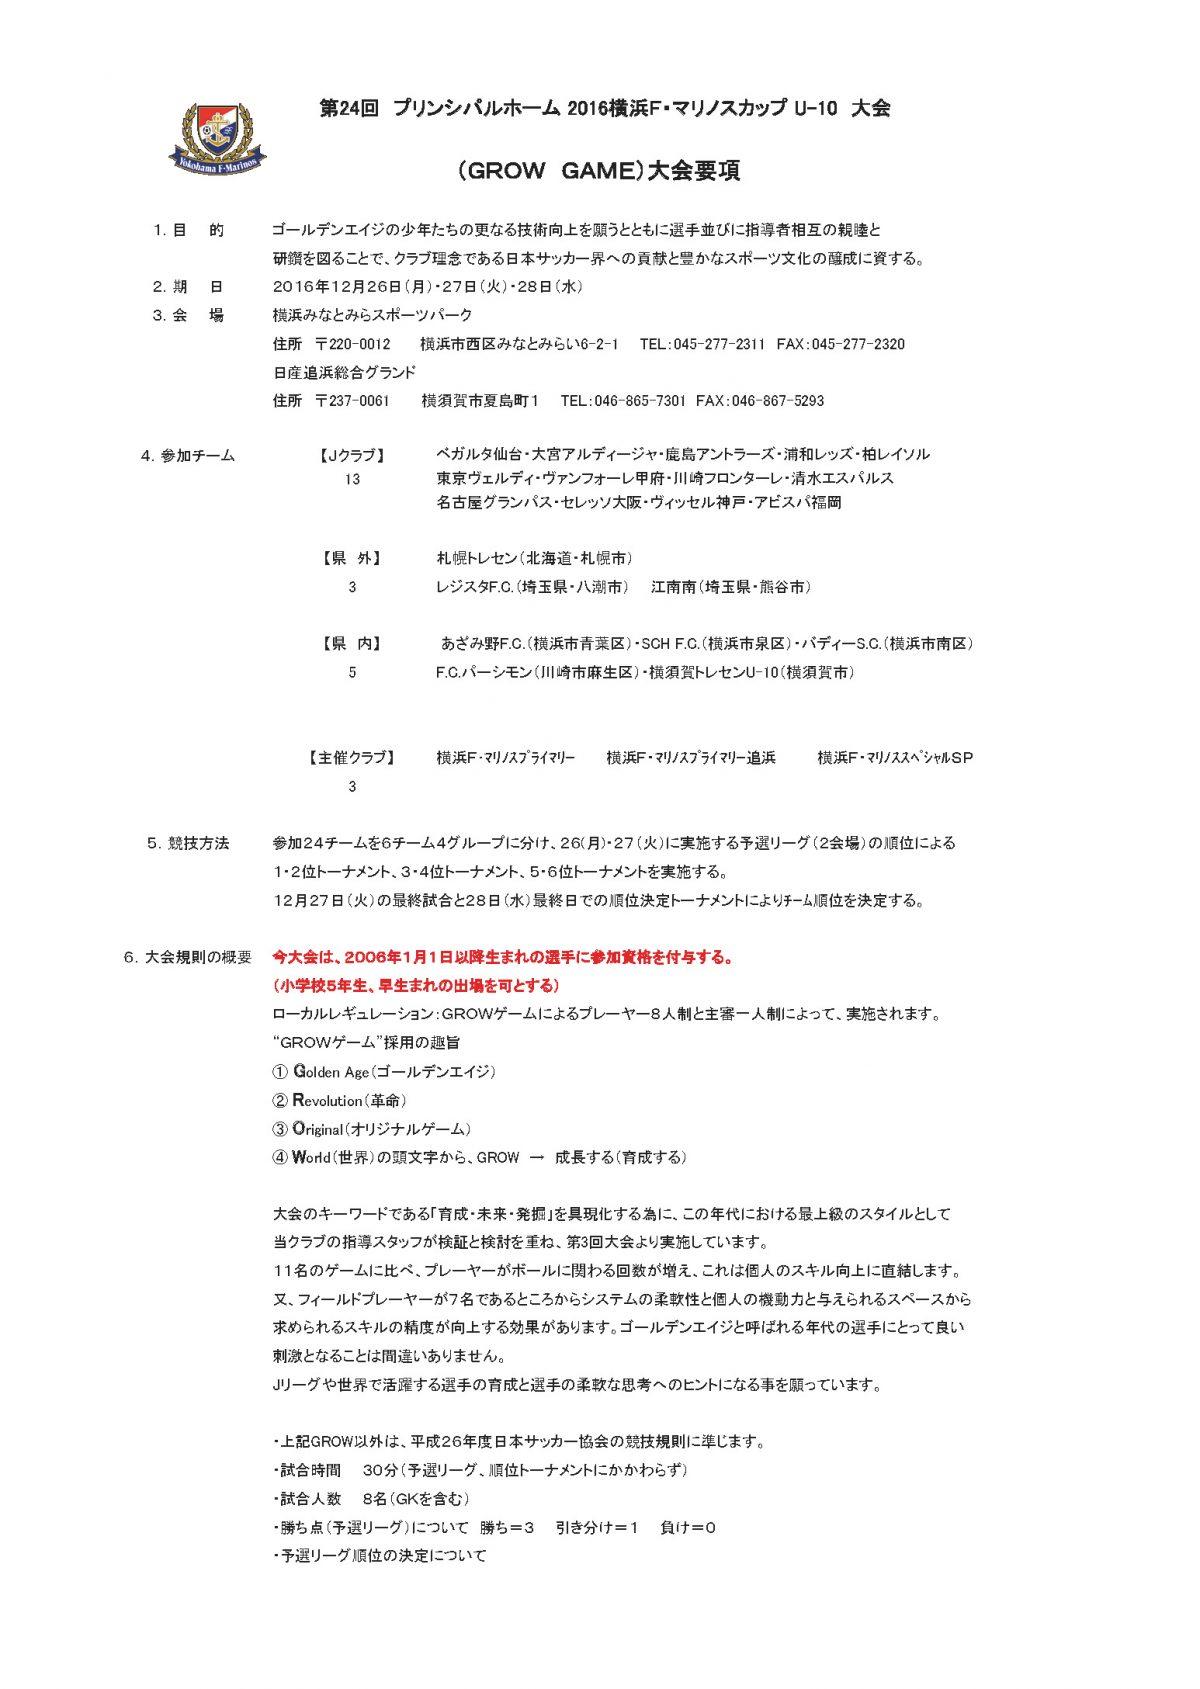 bfa1736c0a10ea58f40ab68fd4e95594-e1487322128767 第24回プリンシパルホームF・Marinos CUP U-10 GROWGAME 開催のお知らせ